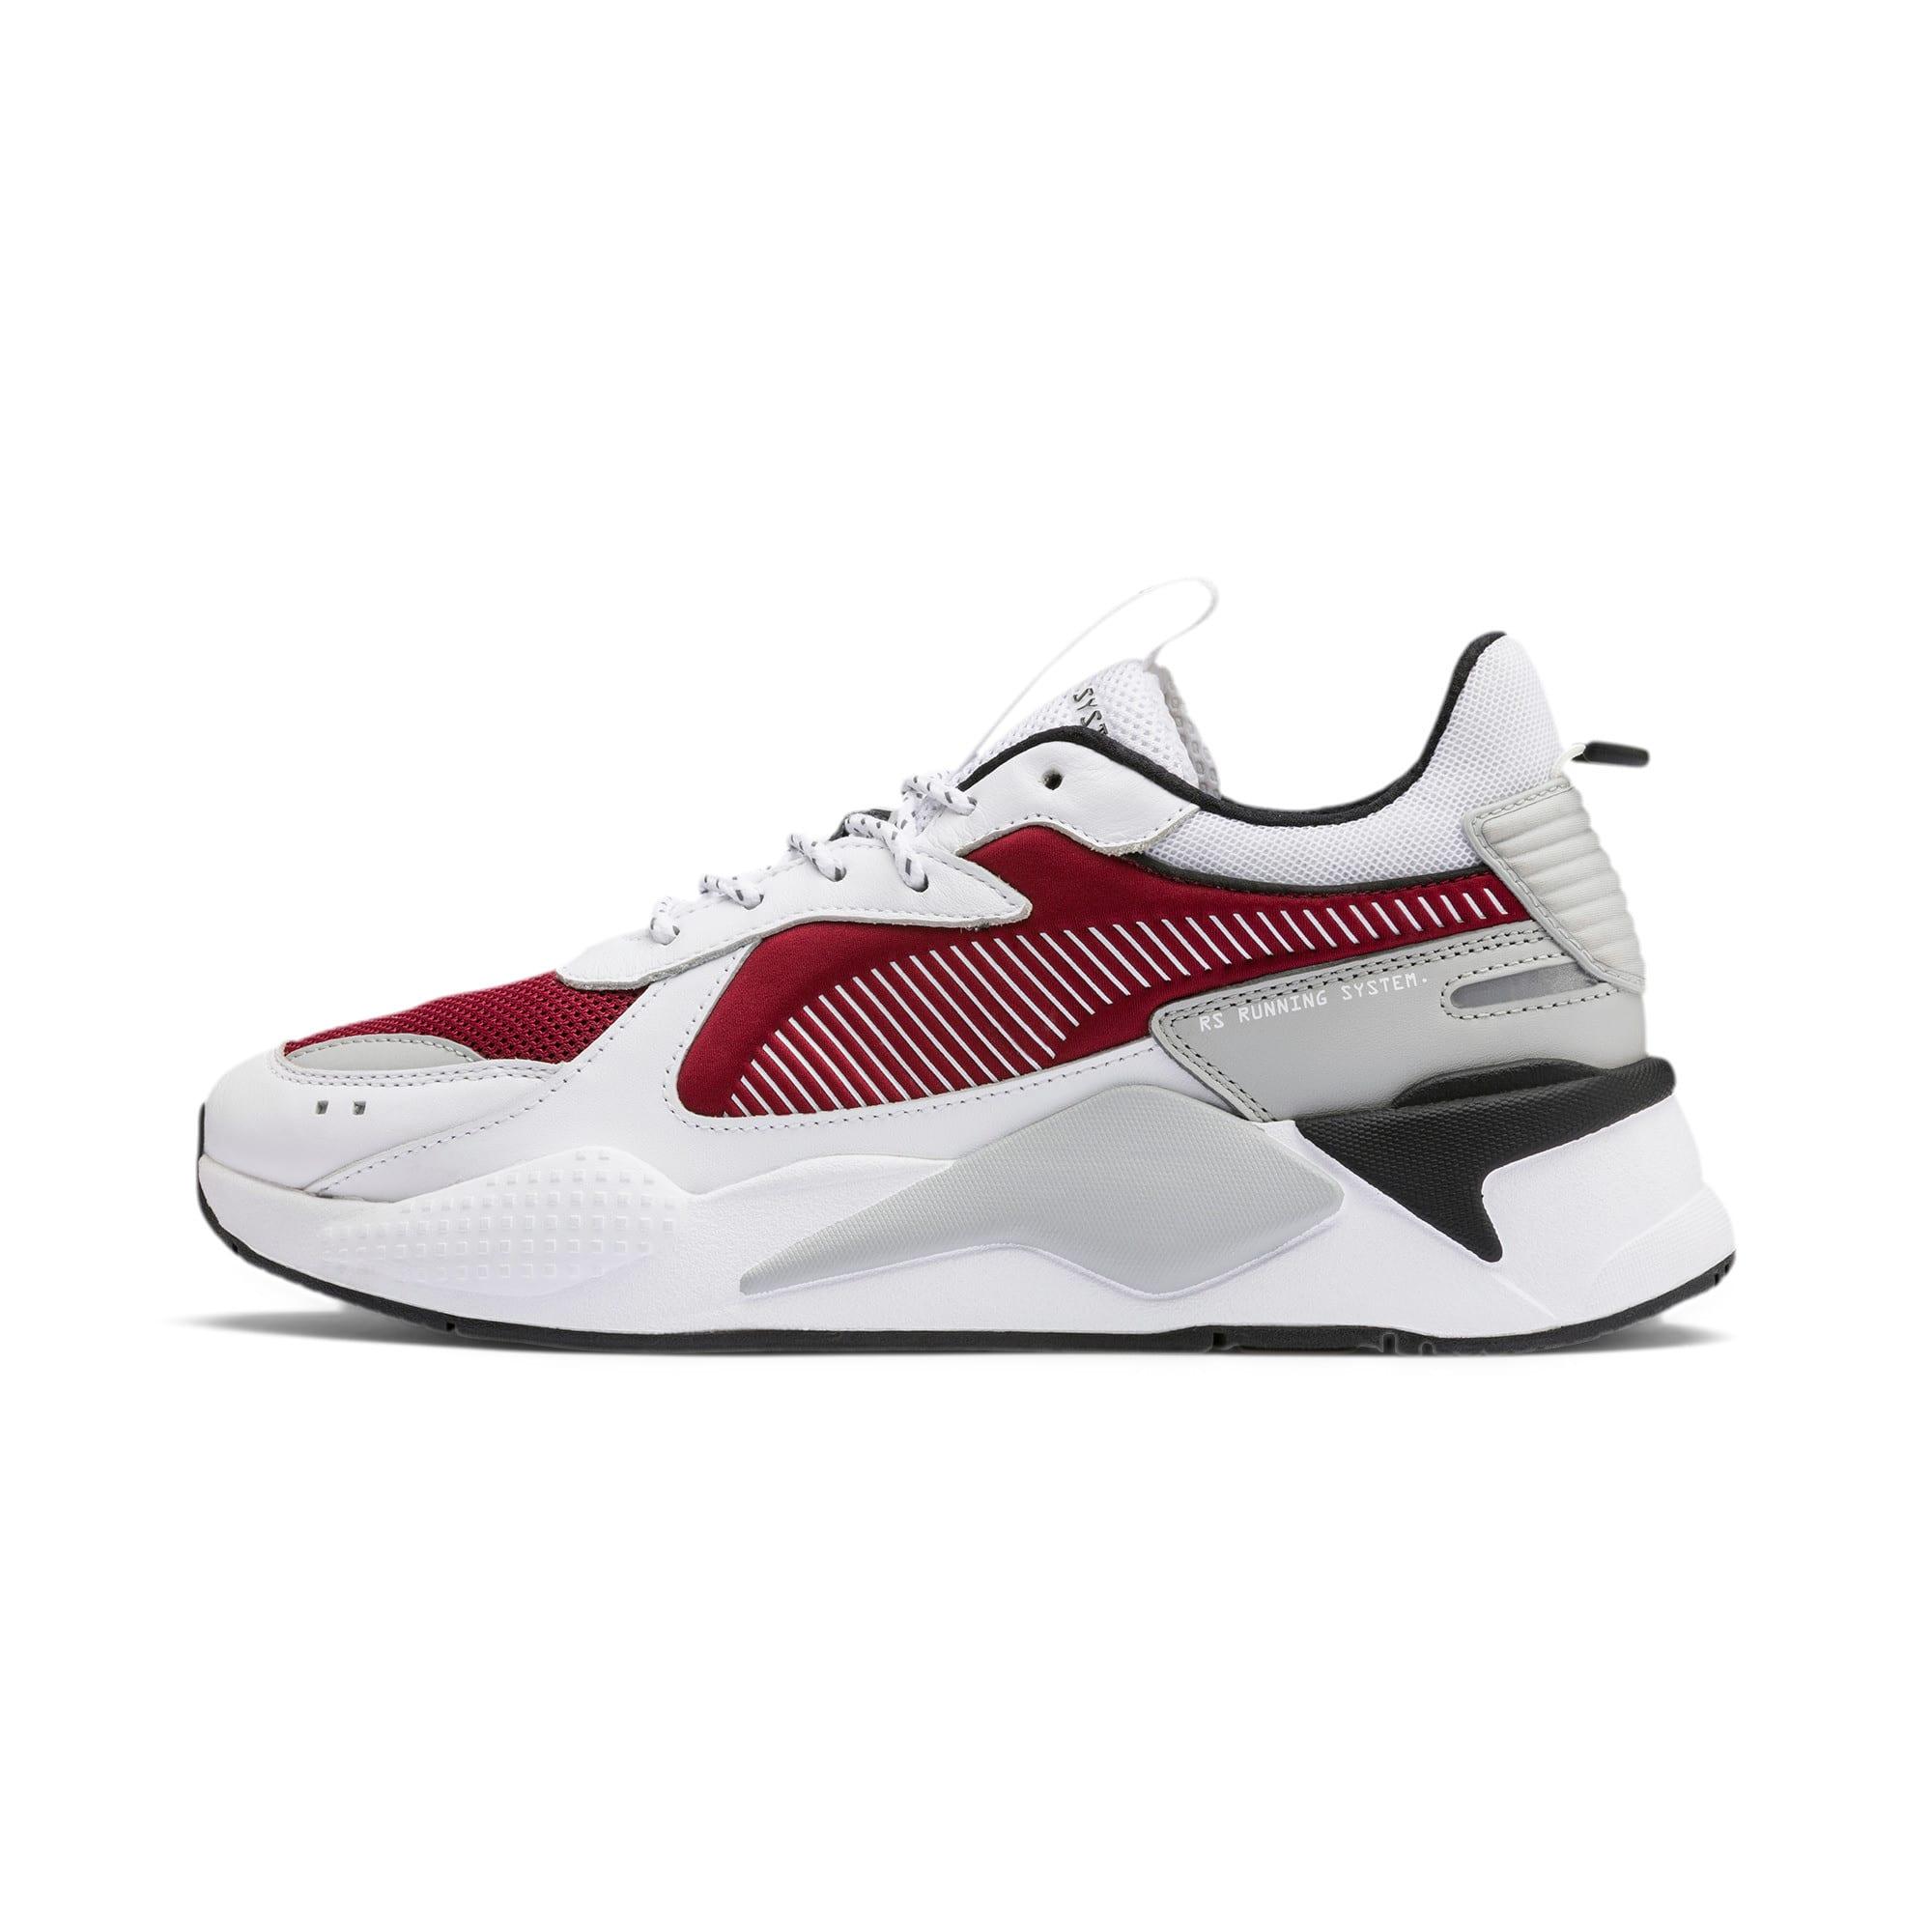 Thumbnail 1 of RS-X Sneaker, Puma White-Rhubarb, medium